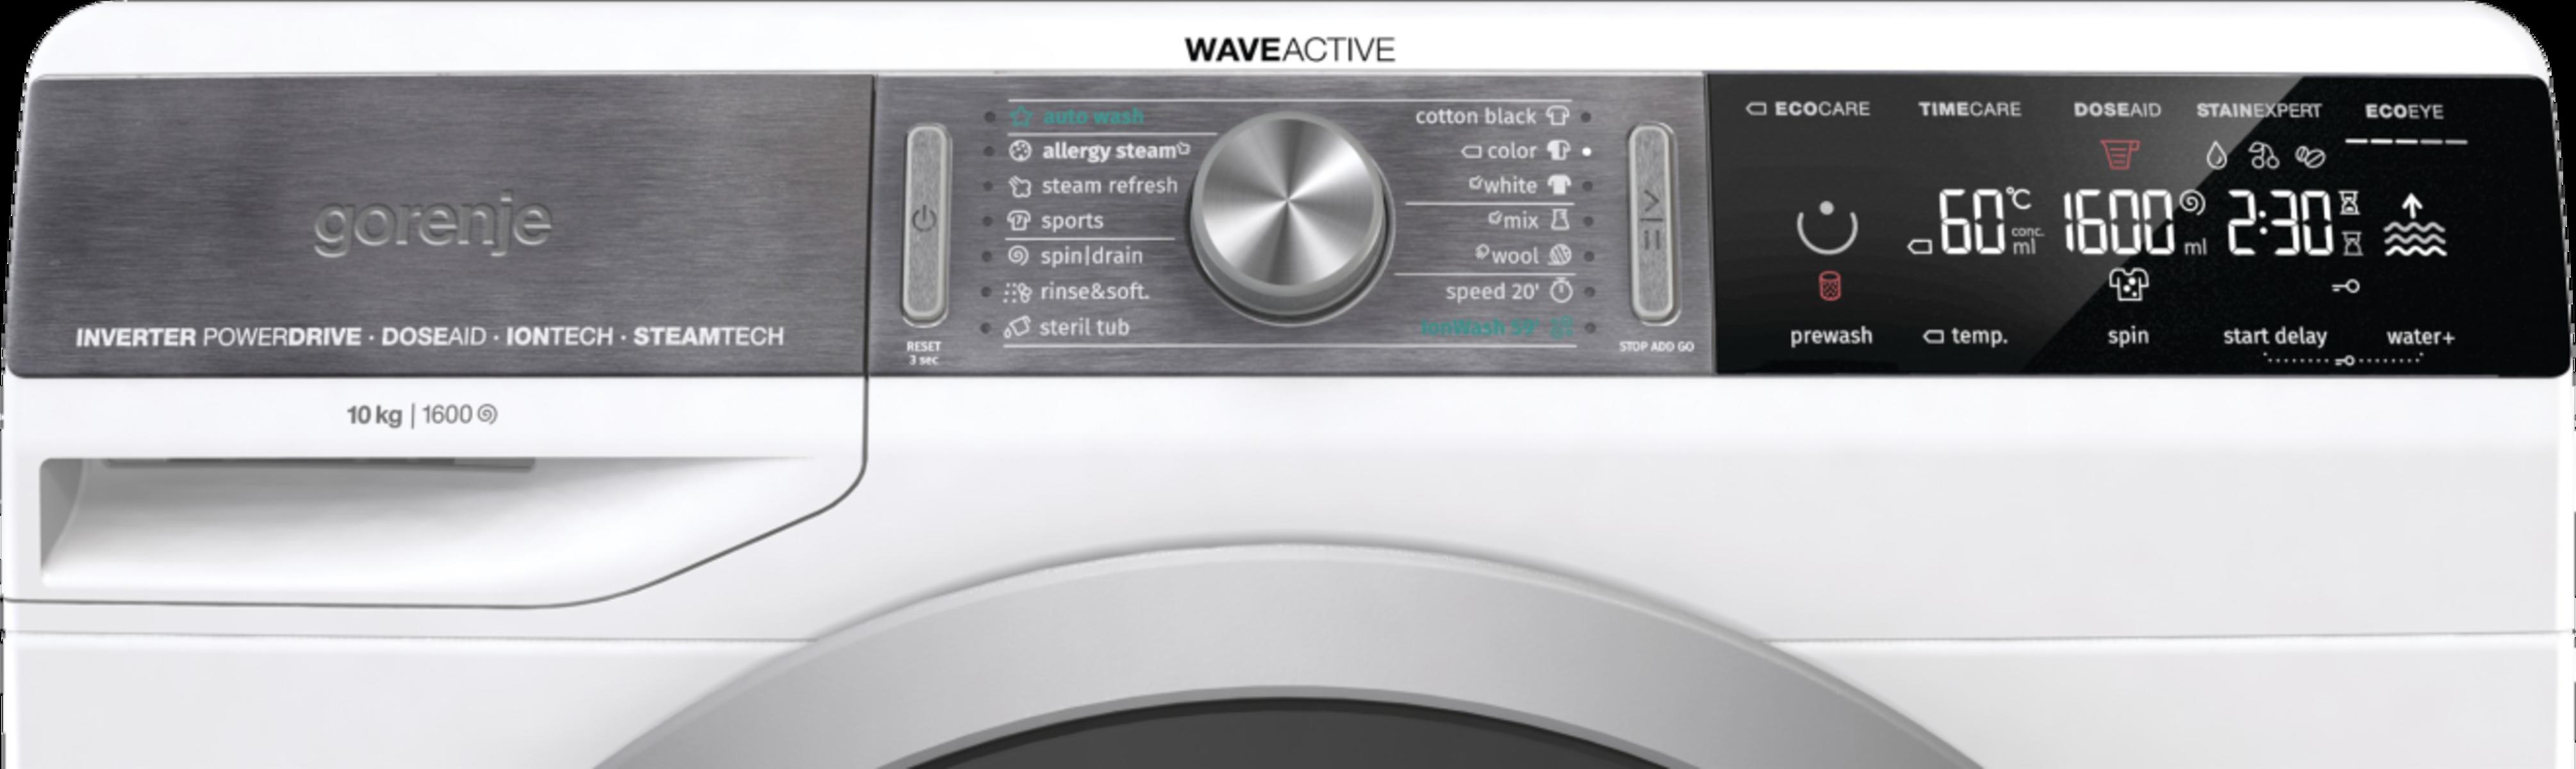 pralni stroj, gorenje waveactive, gorenje WS168LNST